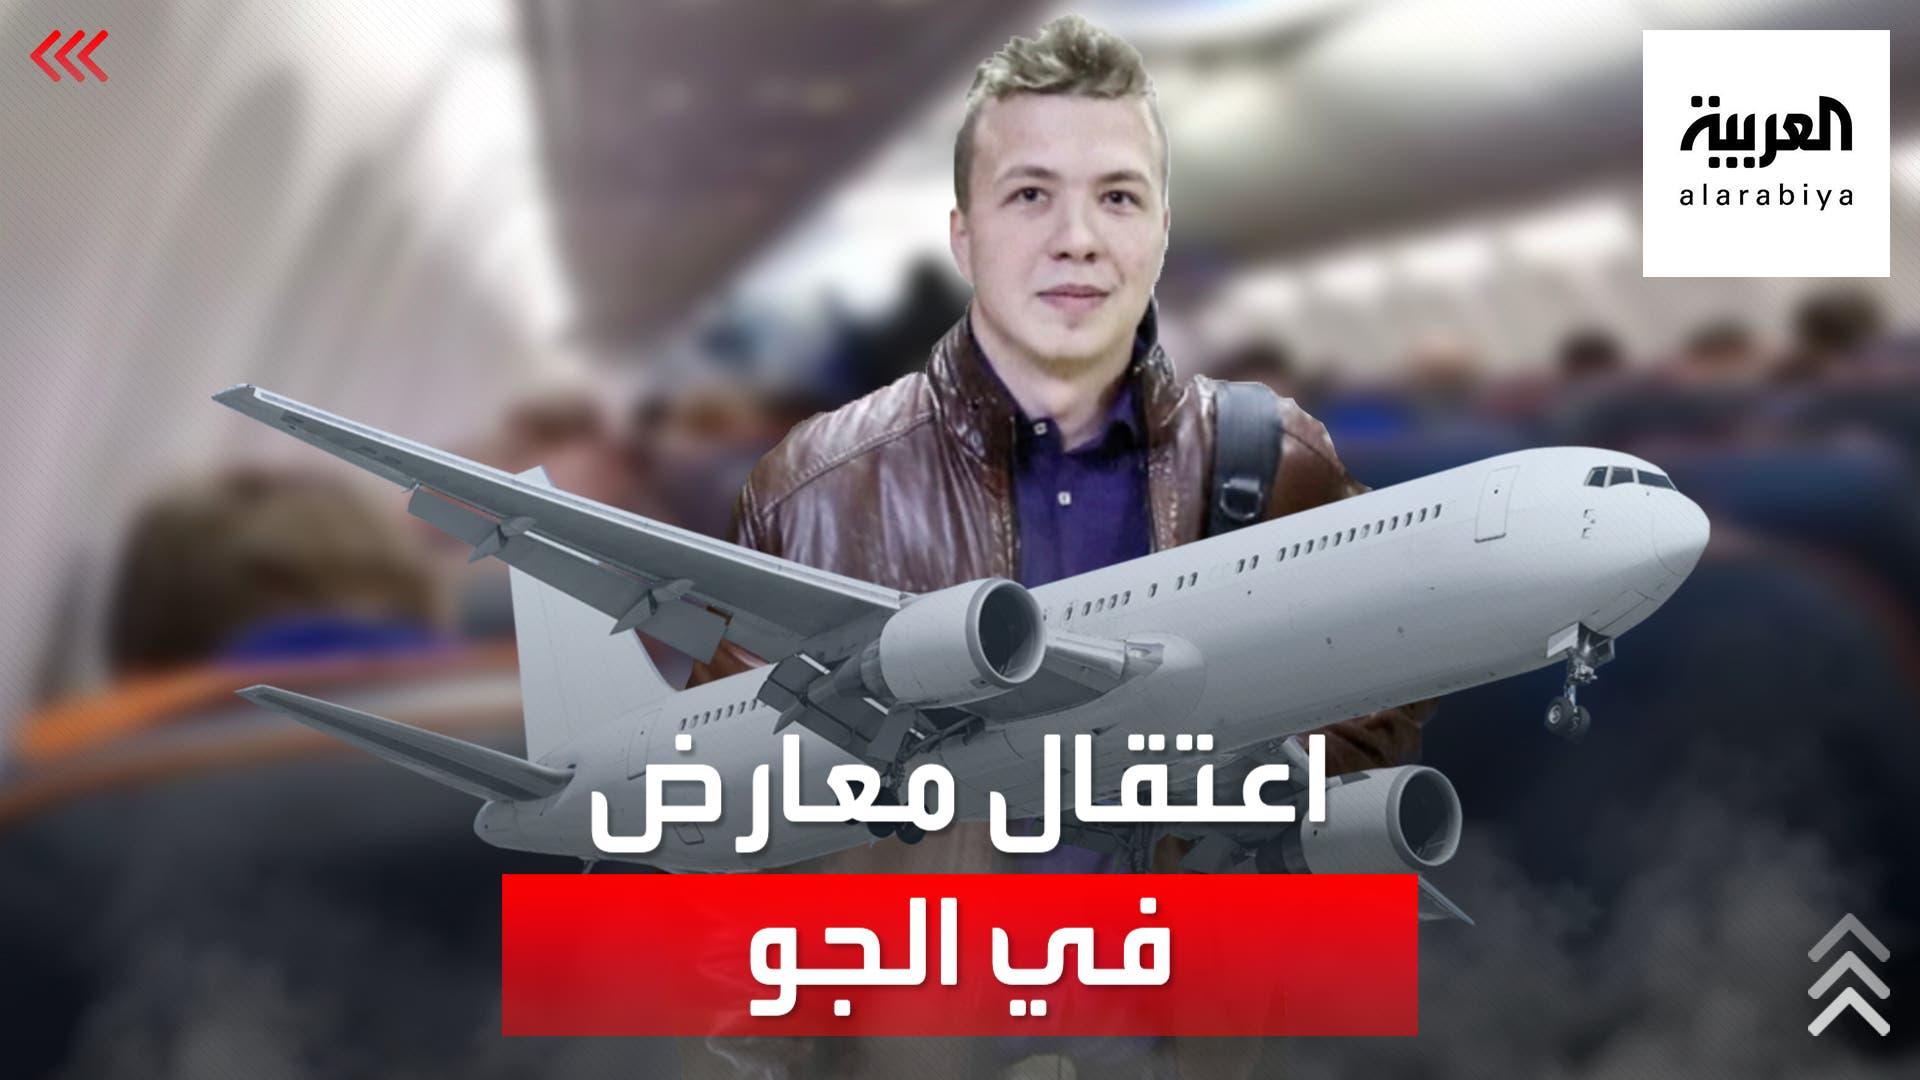 بيلاروسيا تزعم وجود قنبلة على طائرة لاعتقال صحفي معارض